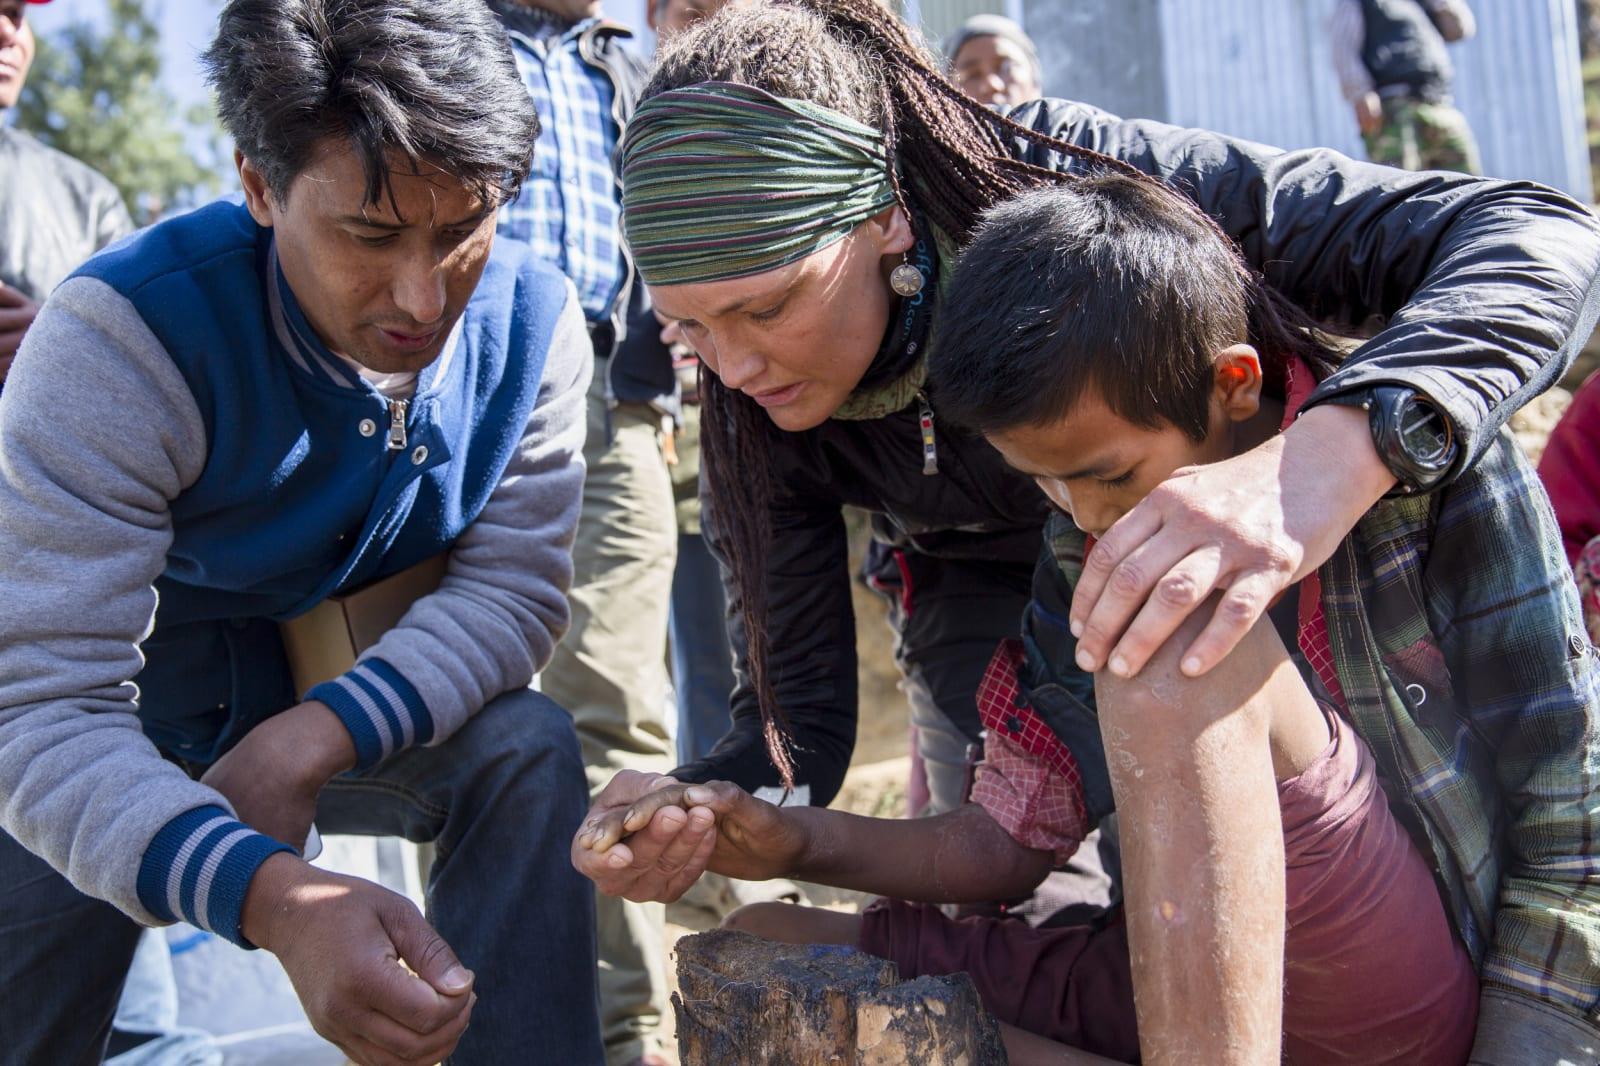 Nesten ett år etter jordkjelvet reiste Vibeke tilbake for å hjelpe. Foto: Line Hårklau